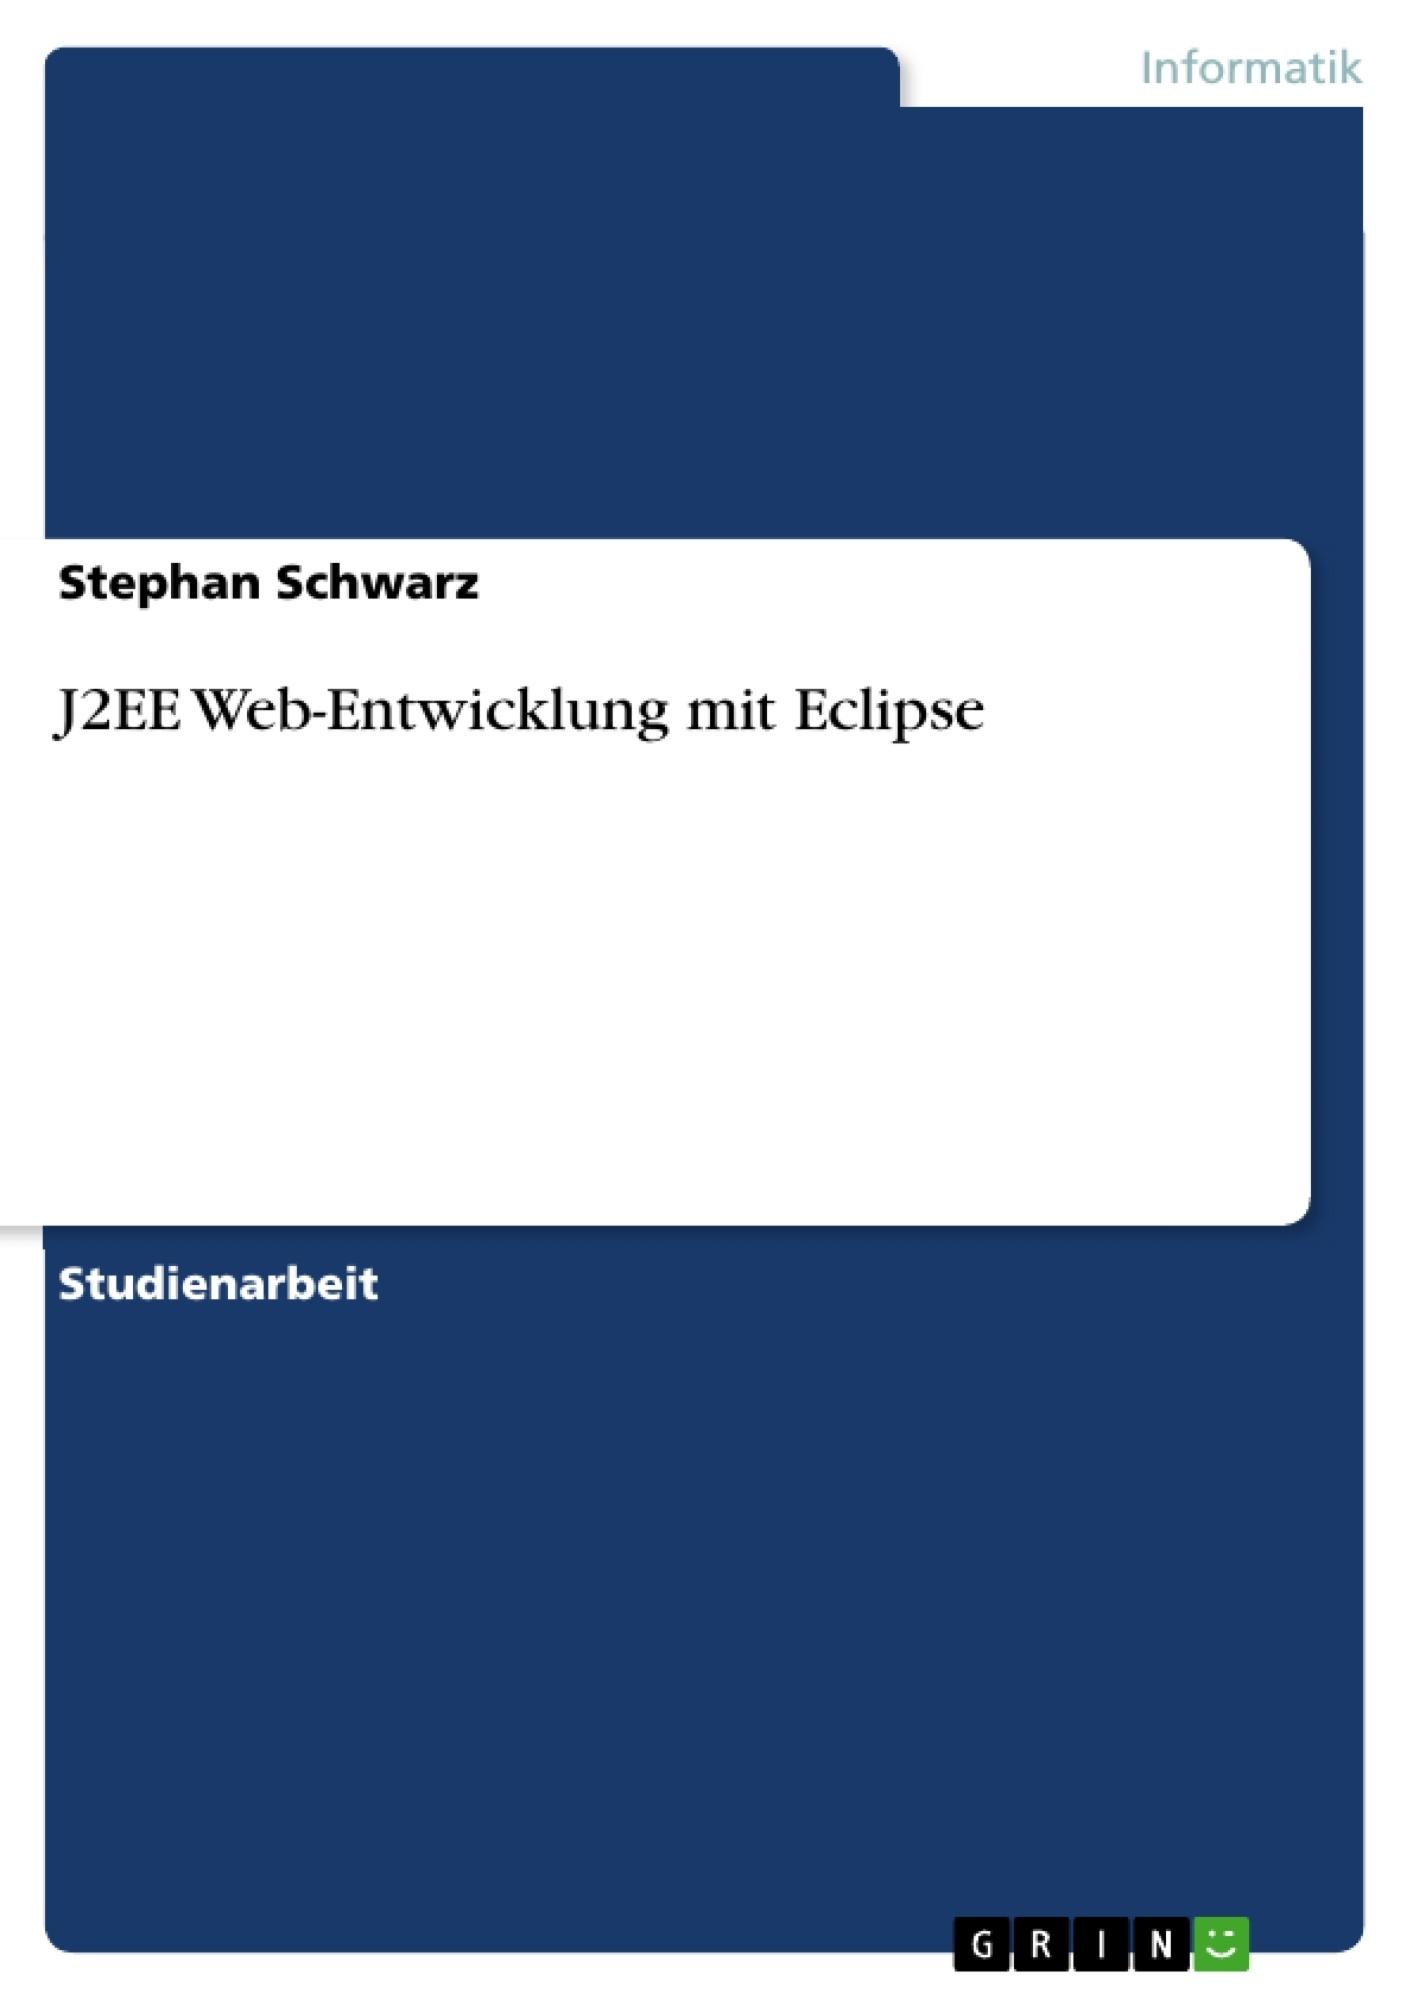 Titel: J2EE Web-Entwicklung mit Eclipse